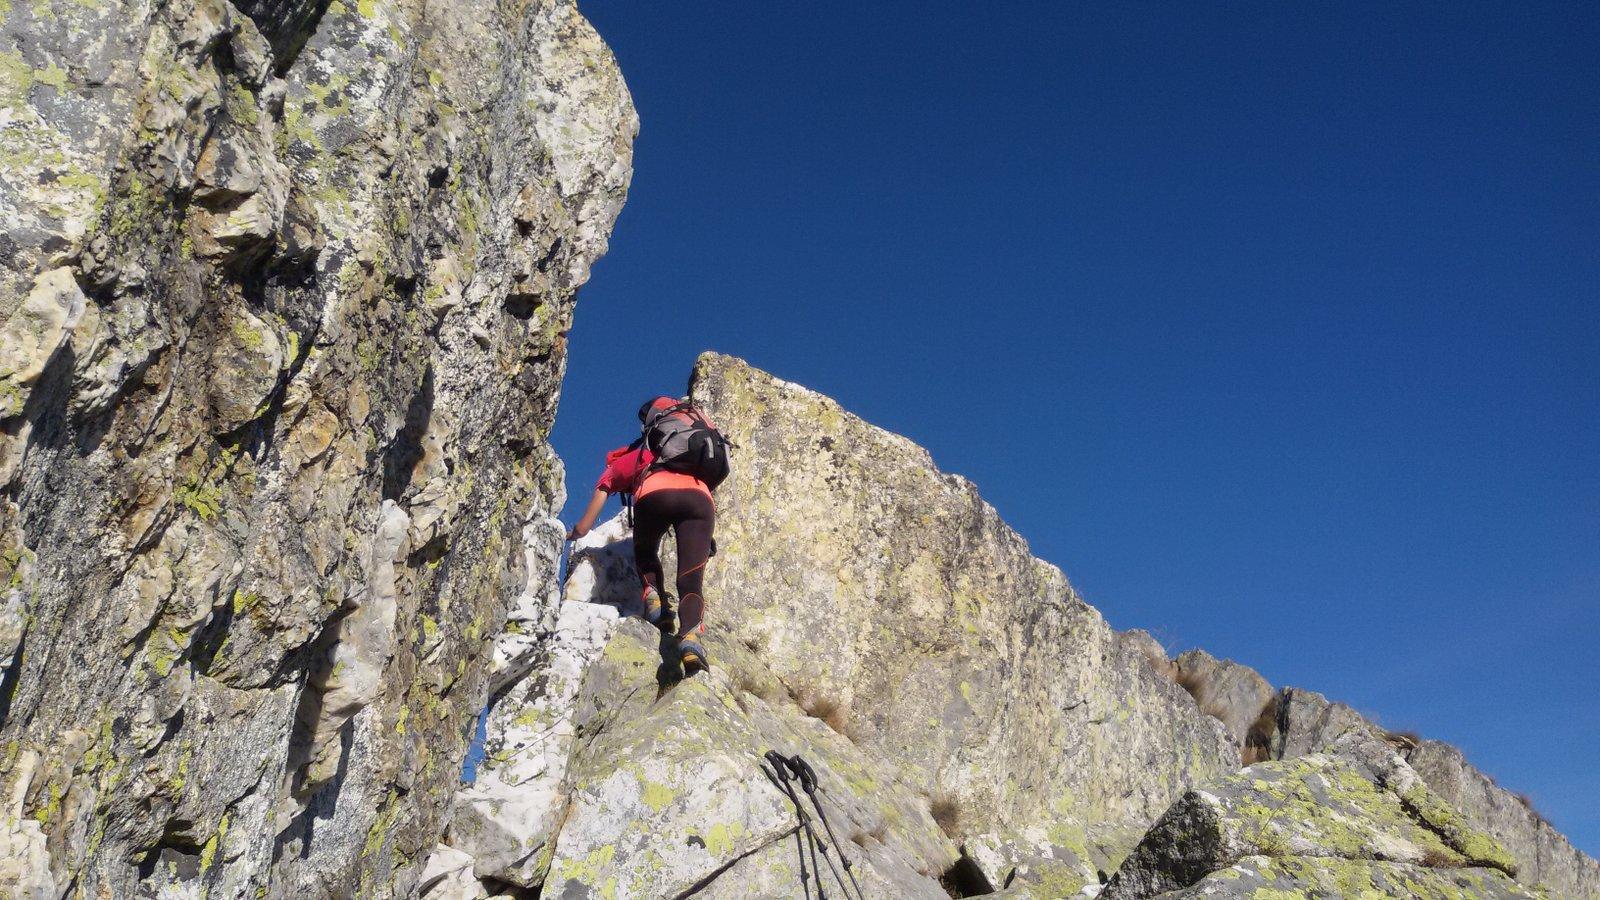 Il breve passaggio su roccia per riguadagnare la cresta dopo la Cima di Cugnacorta